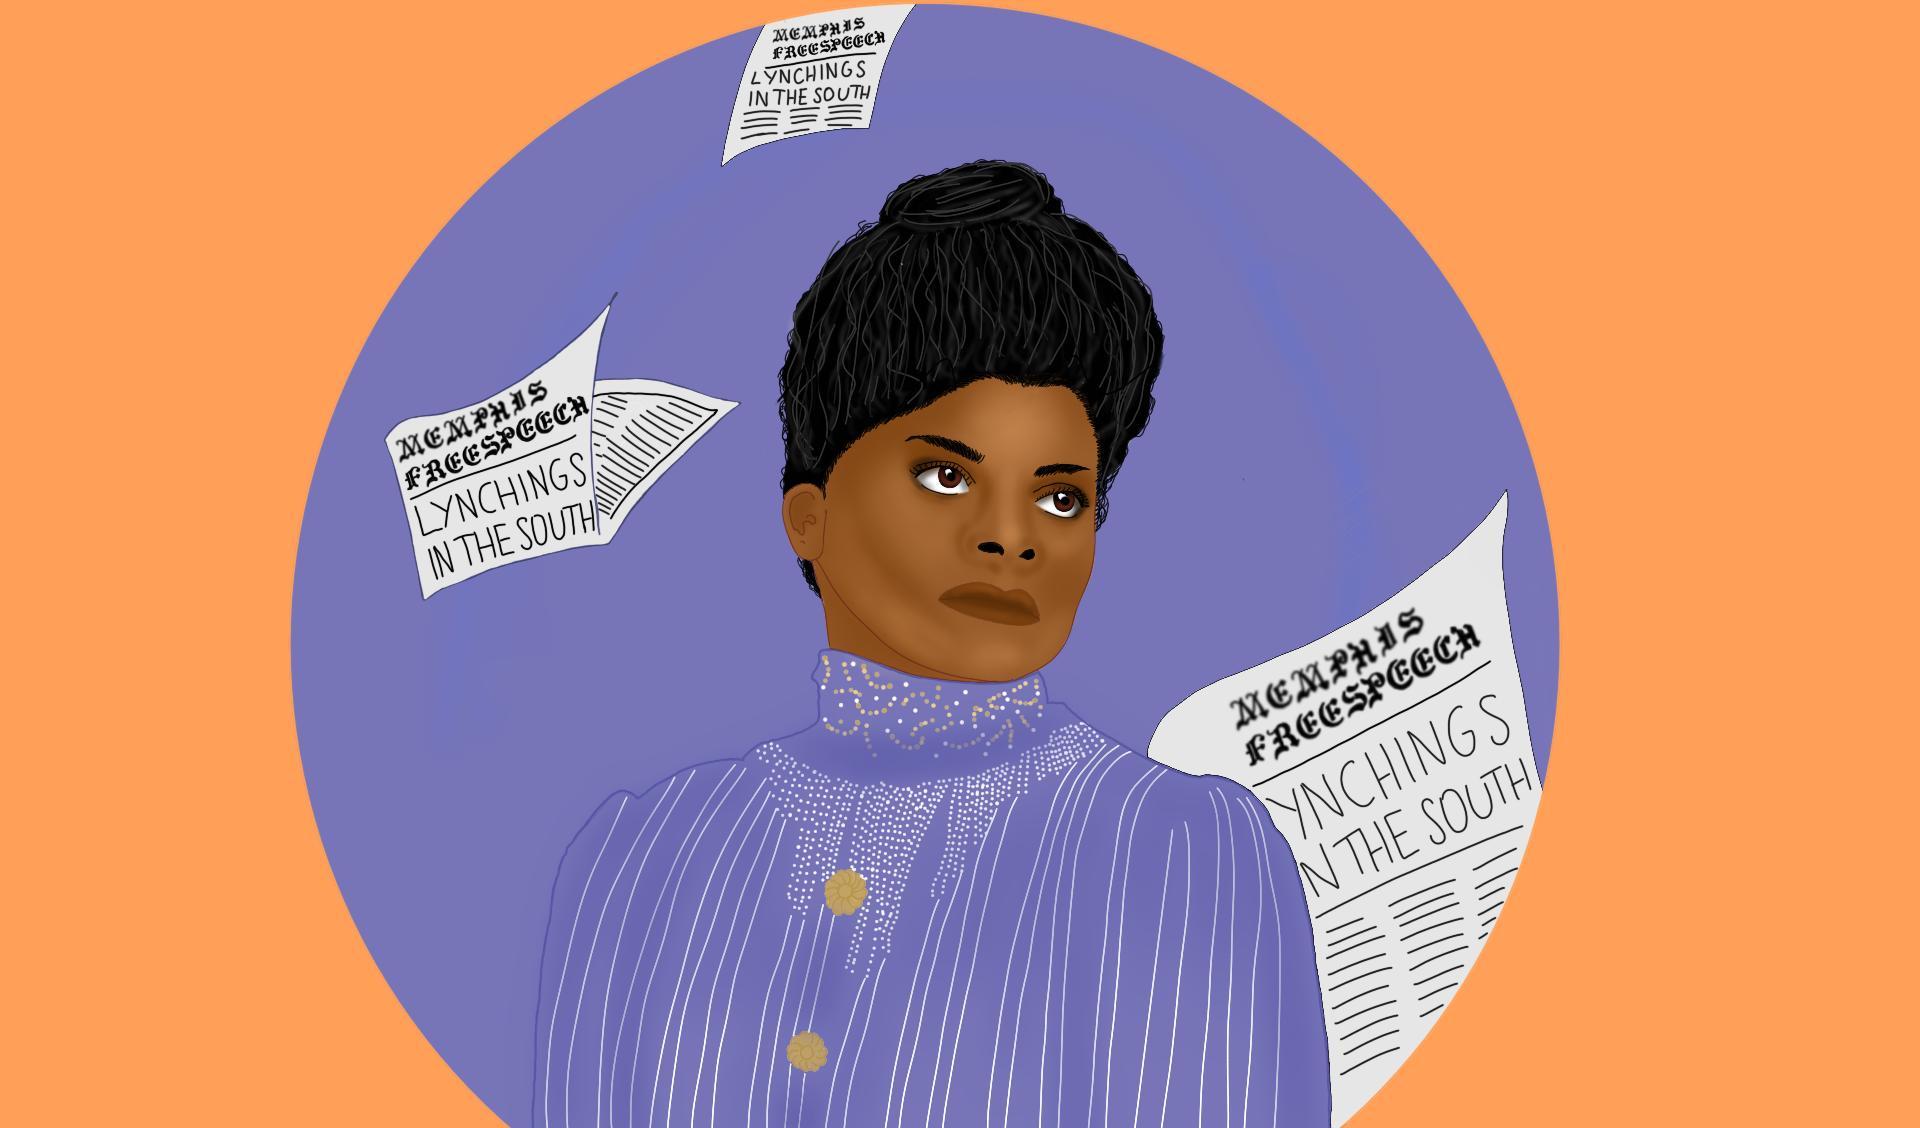 Ida B. Wells: Aufdeckerin, Aktivistin und Journalistin